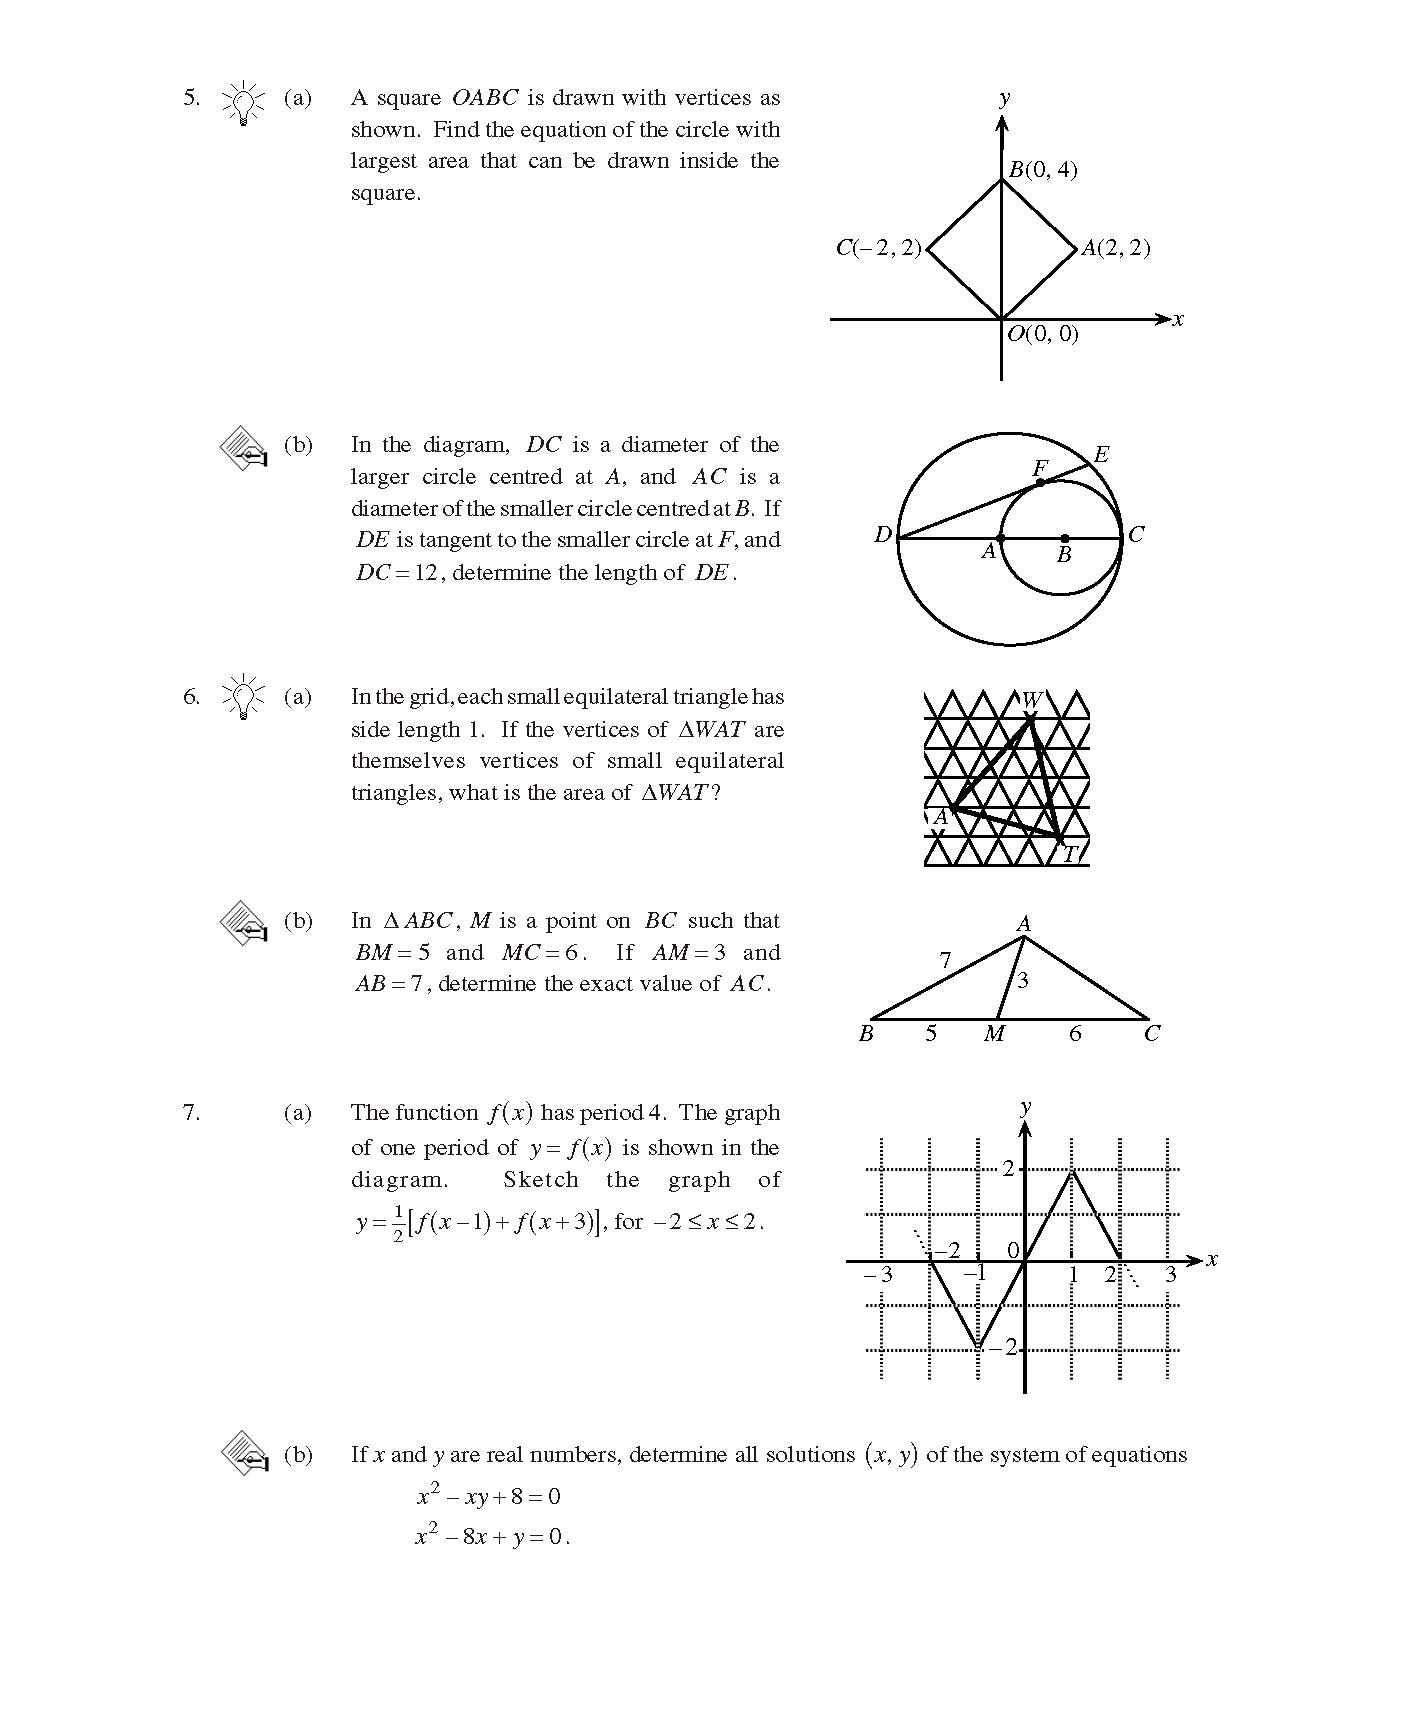 加拿大数学竞赛CMC-Euclid欧几里德数学竞赛1998年真题